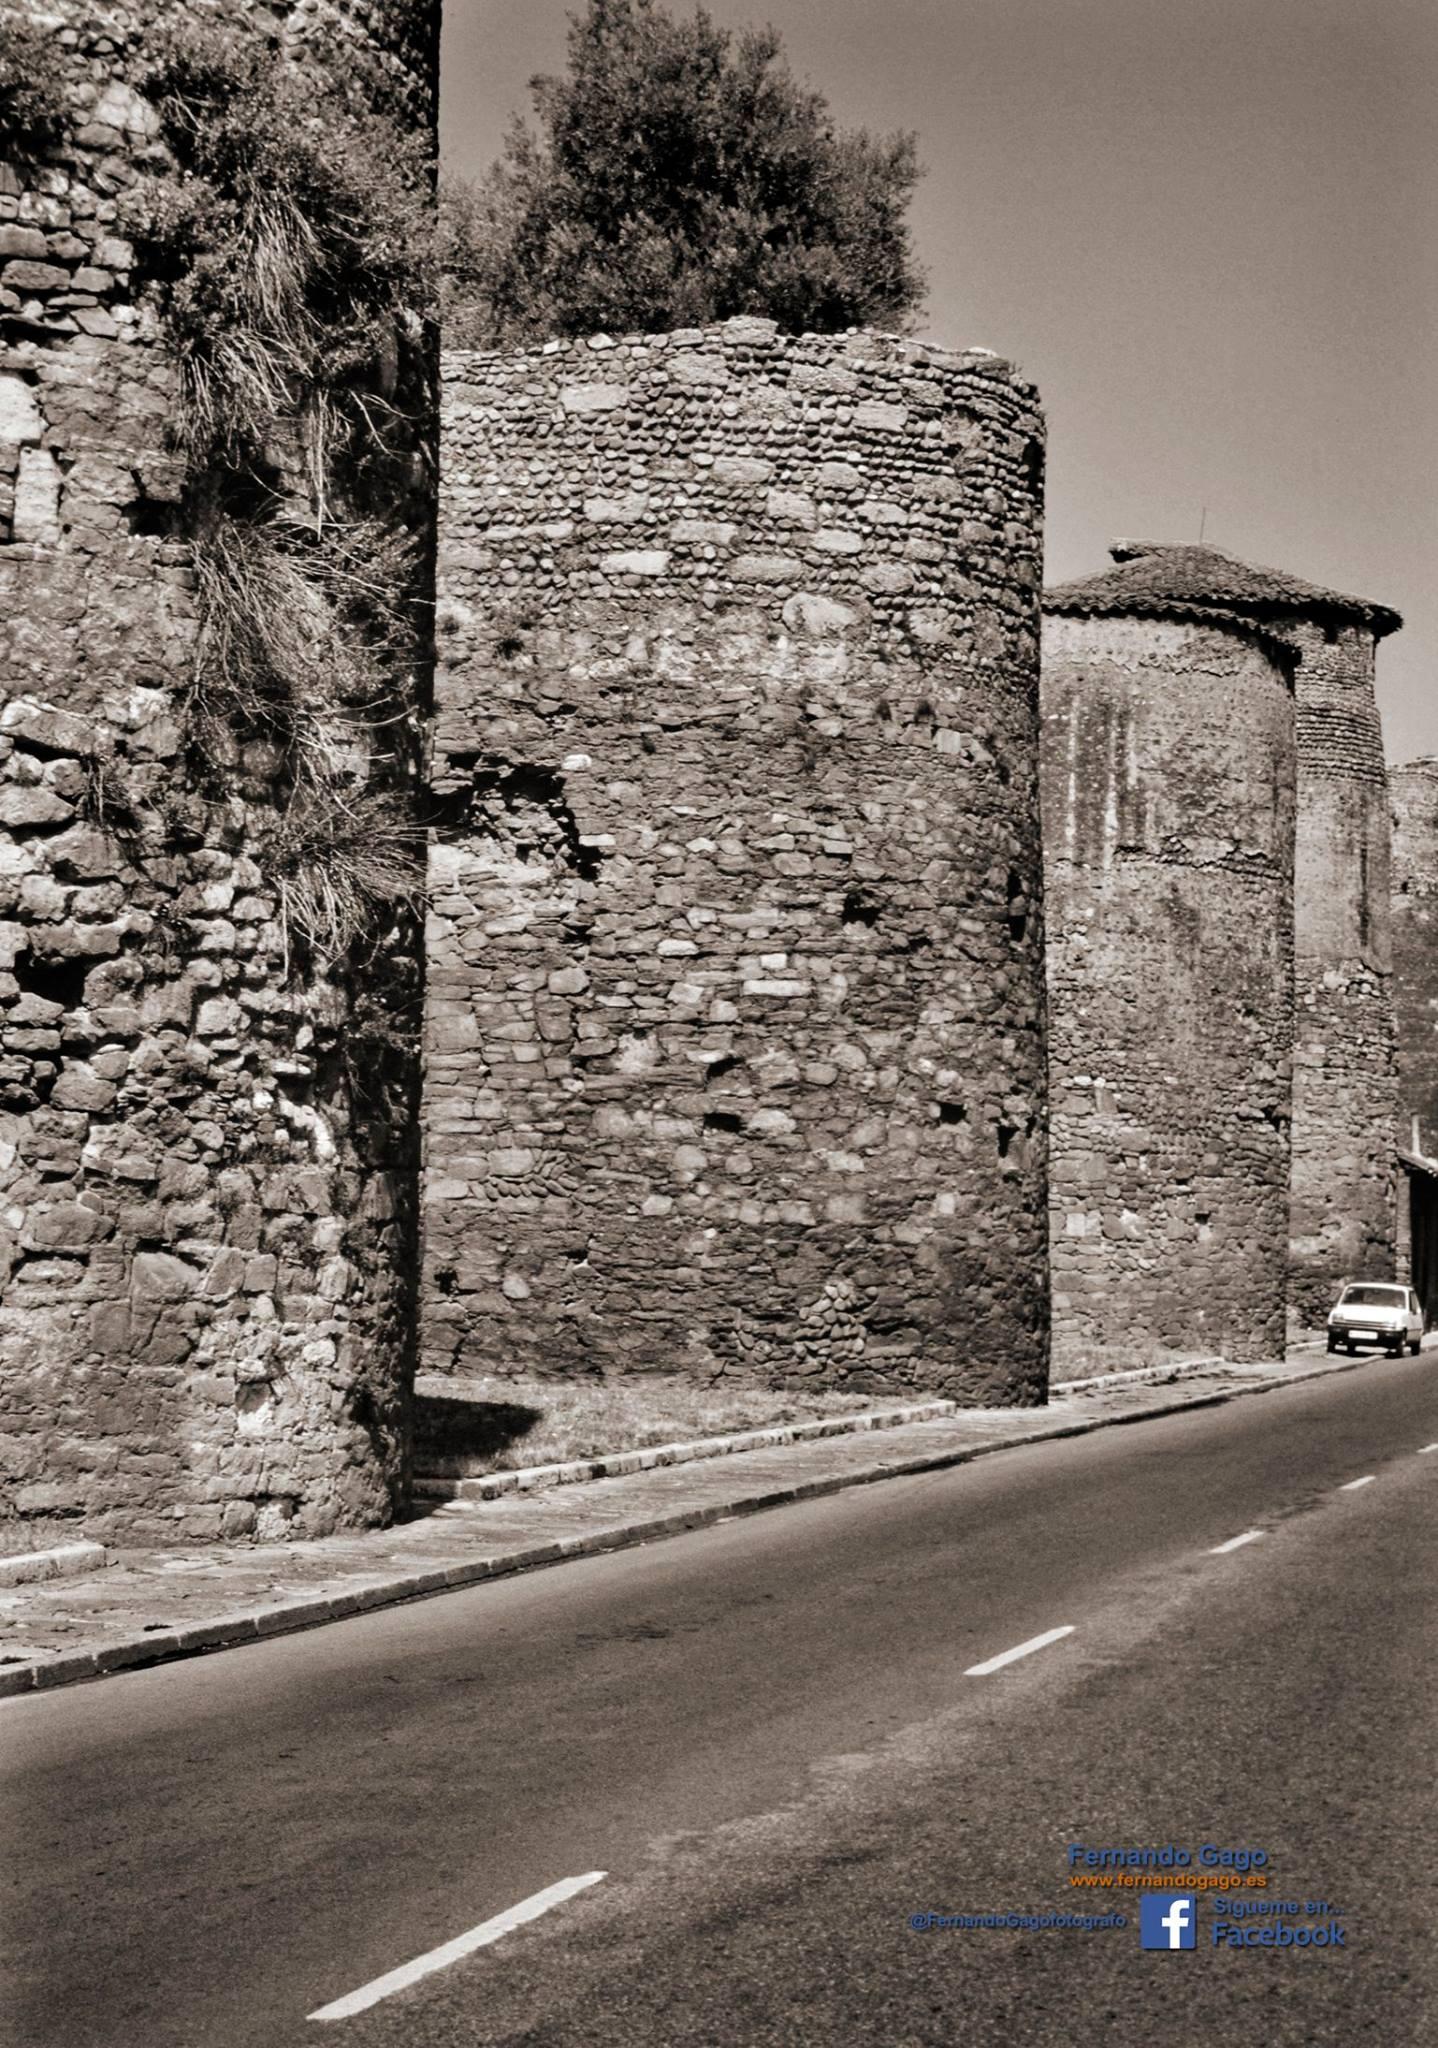 Breve introducción histórica por la ciudad de León desde sus orígenes hasta la actualidad.